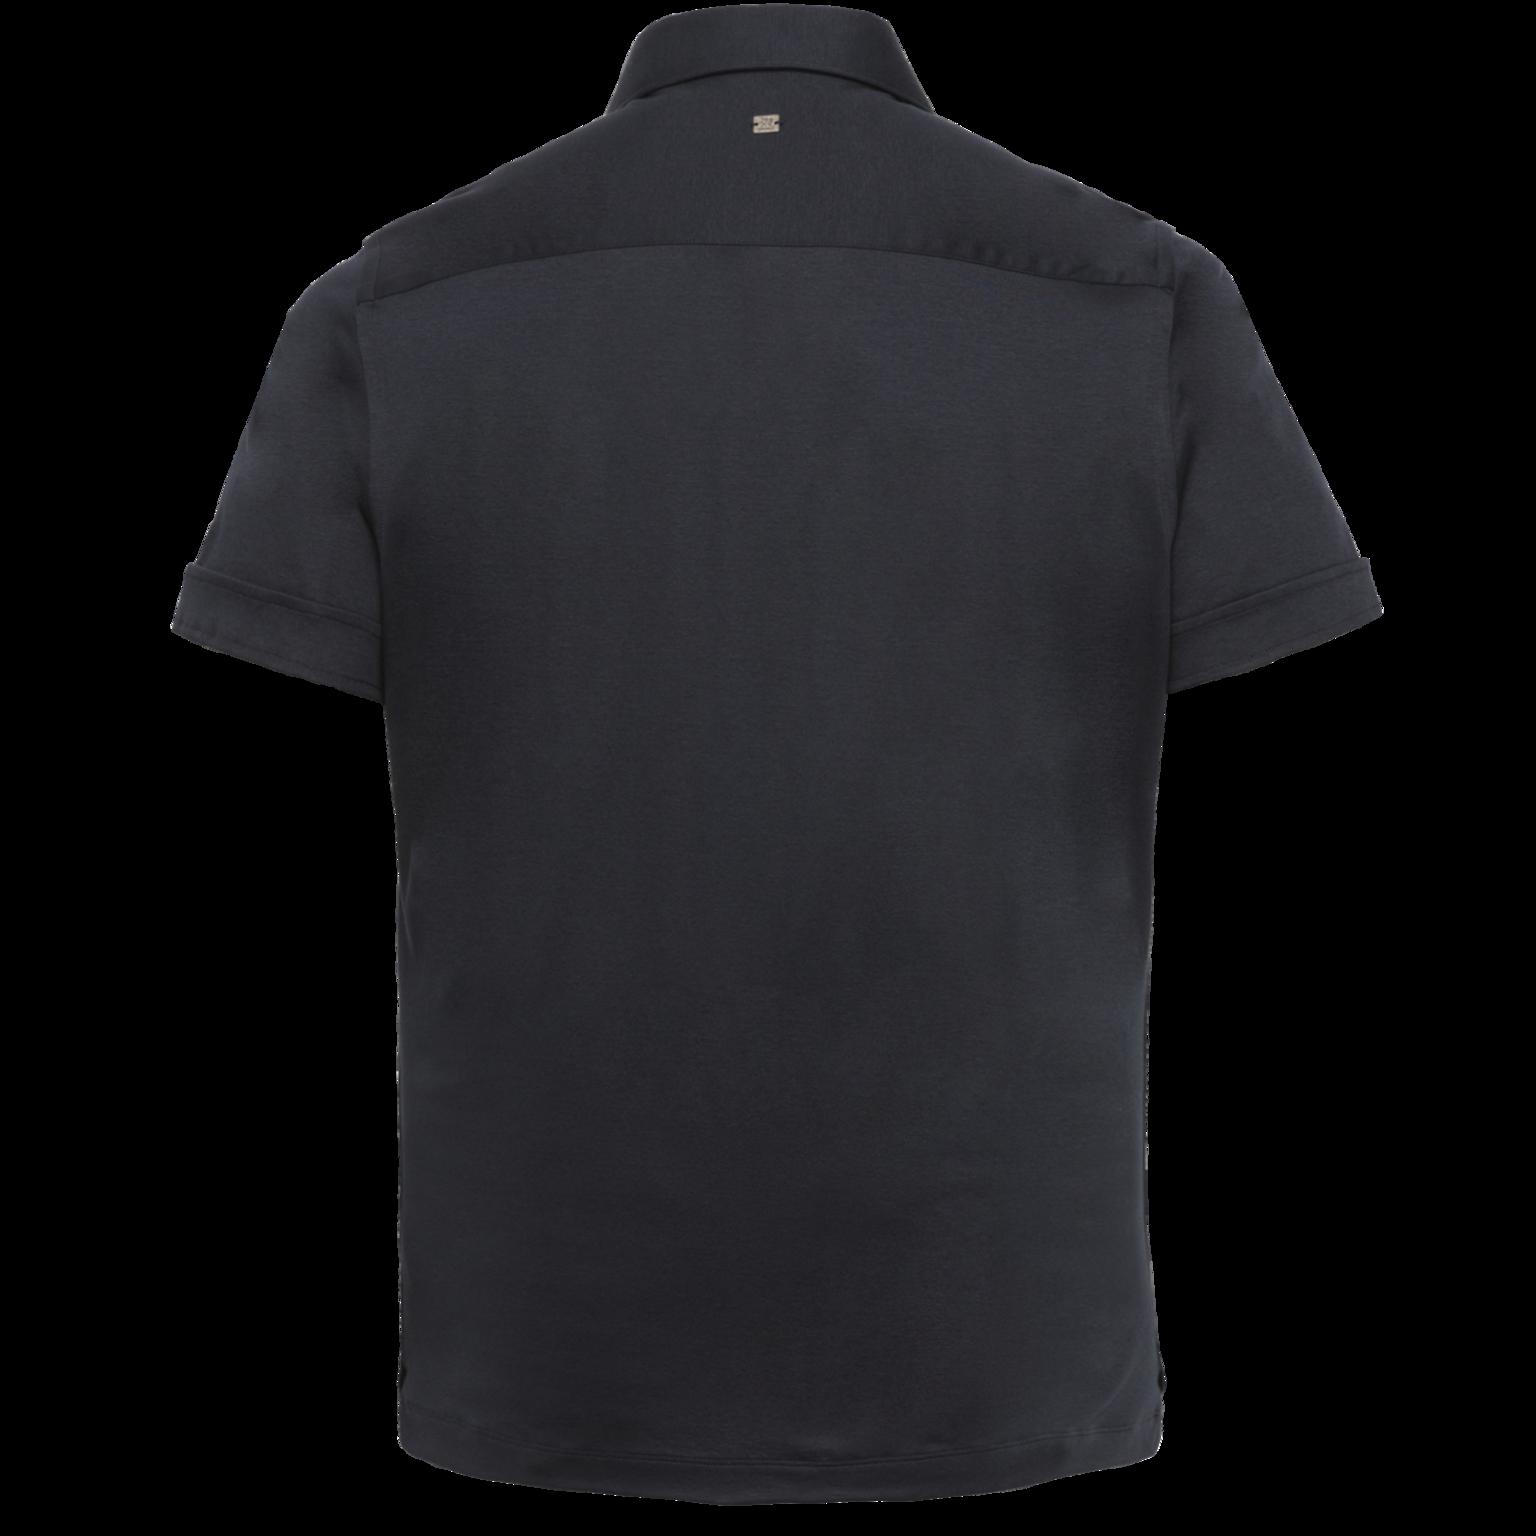 VANGUARD chemise manches courtes en jersey-2